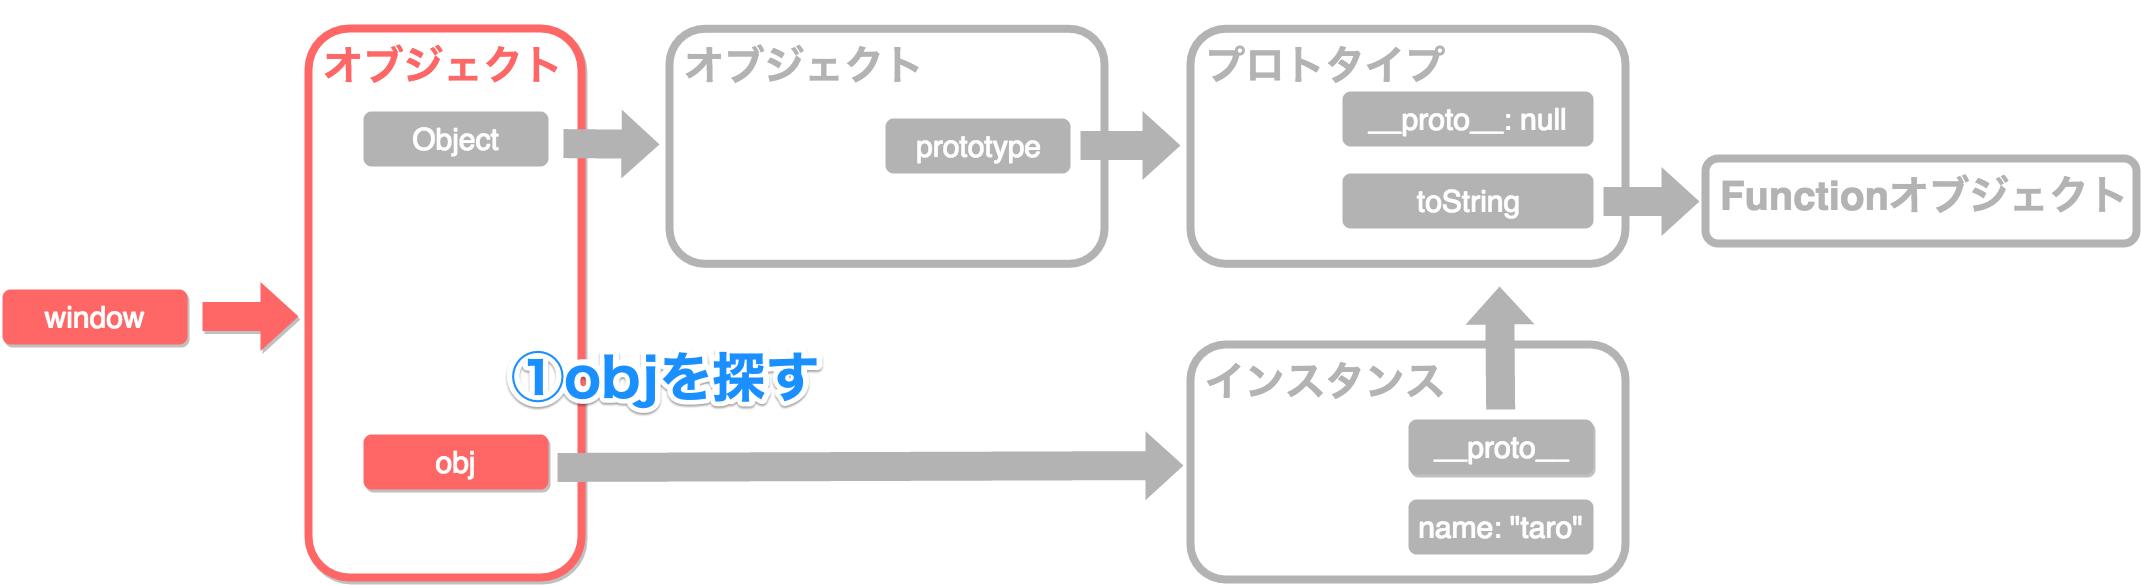 プロトタイプチェーン1_1.png